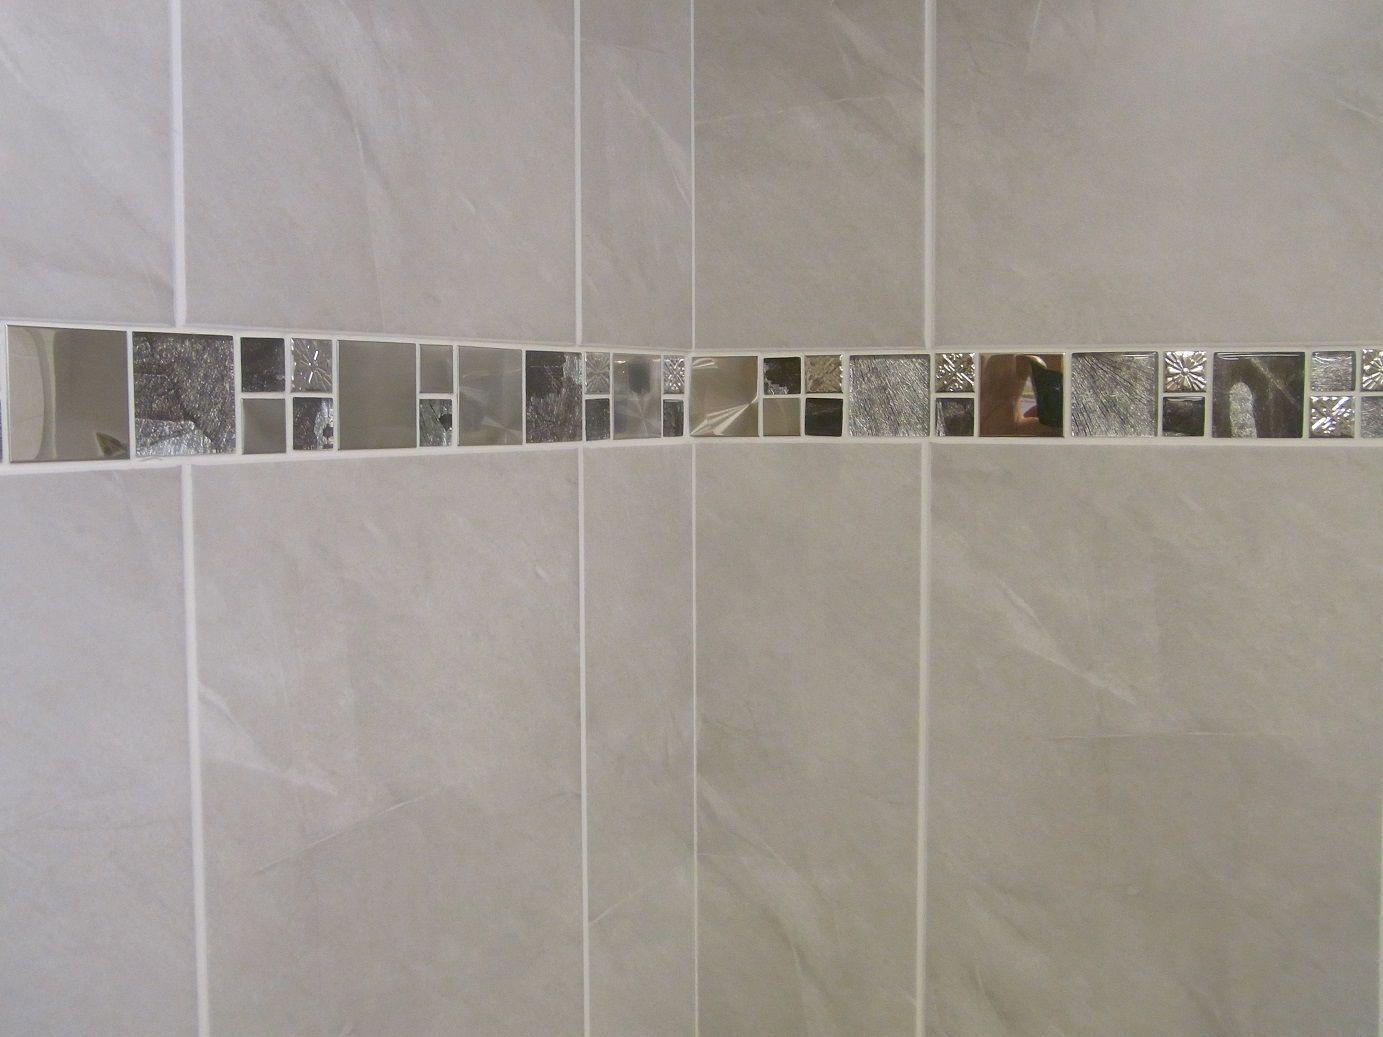 1030m2 Travertine Effect Grey Ceramic Bathroom Wall Tile Deal Inc Borders Bathroom Wall Tile Ceramic Tile Bathrooms Bathroom Floor Tiles